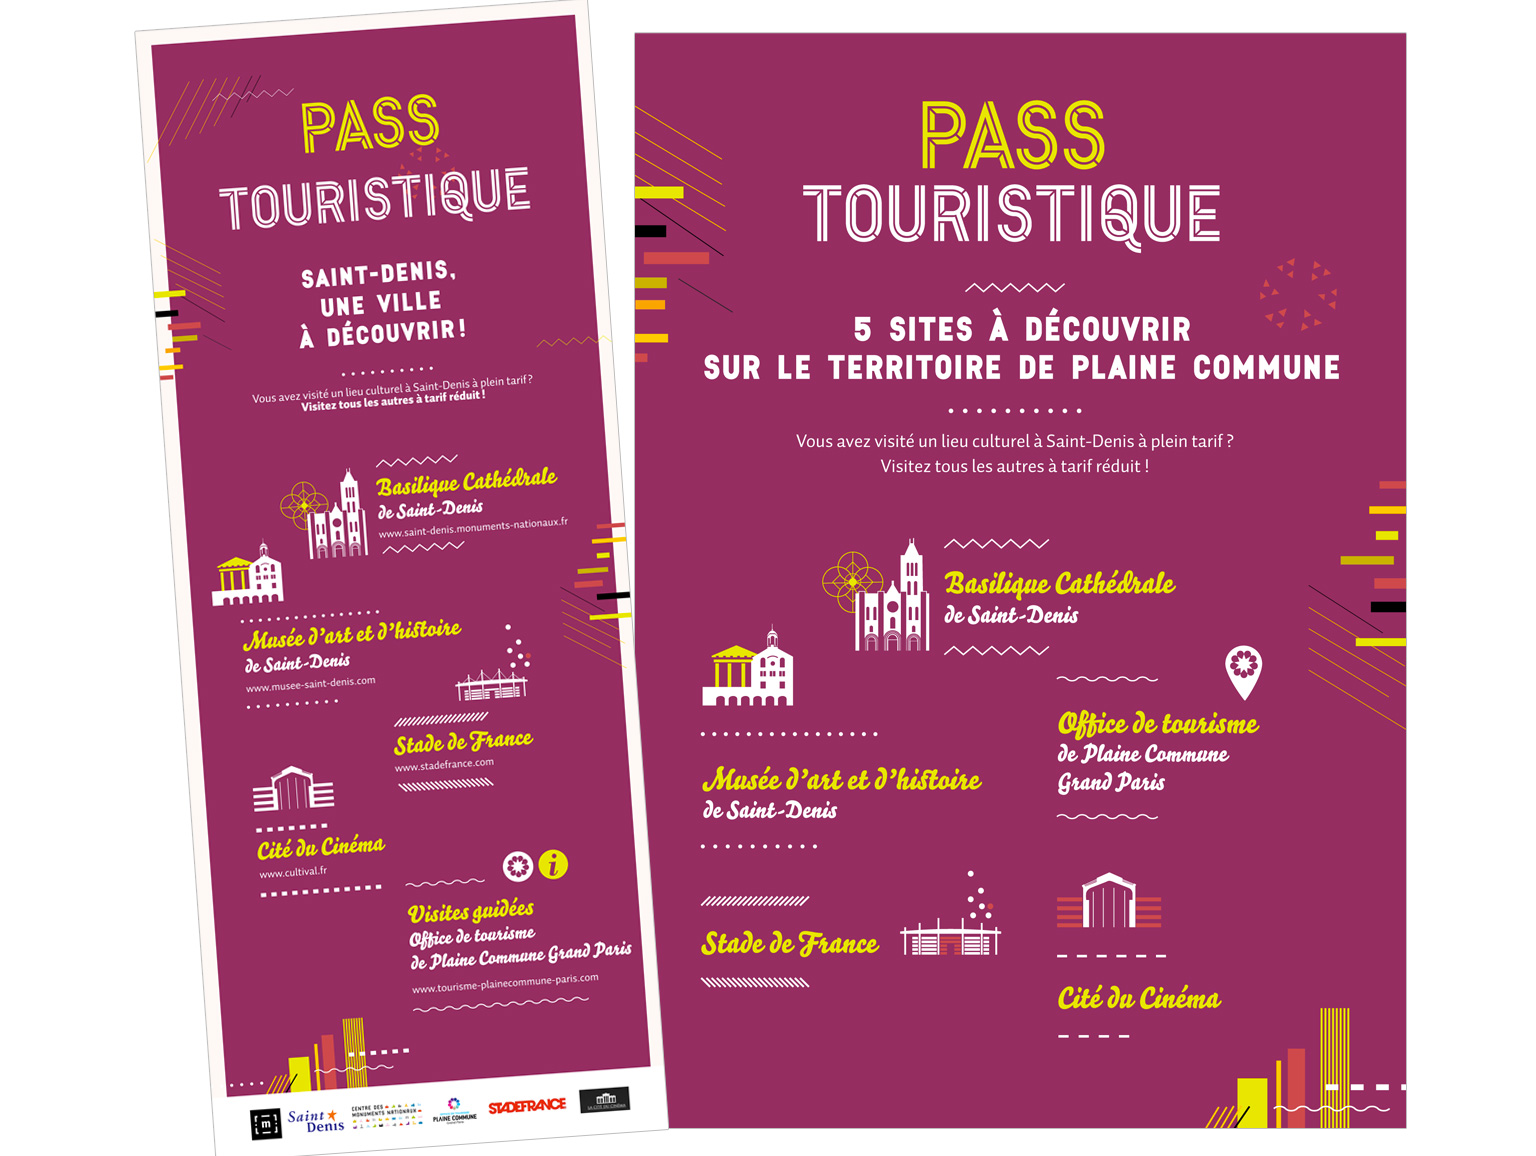 pass-touristique-saint-denis2